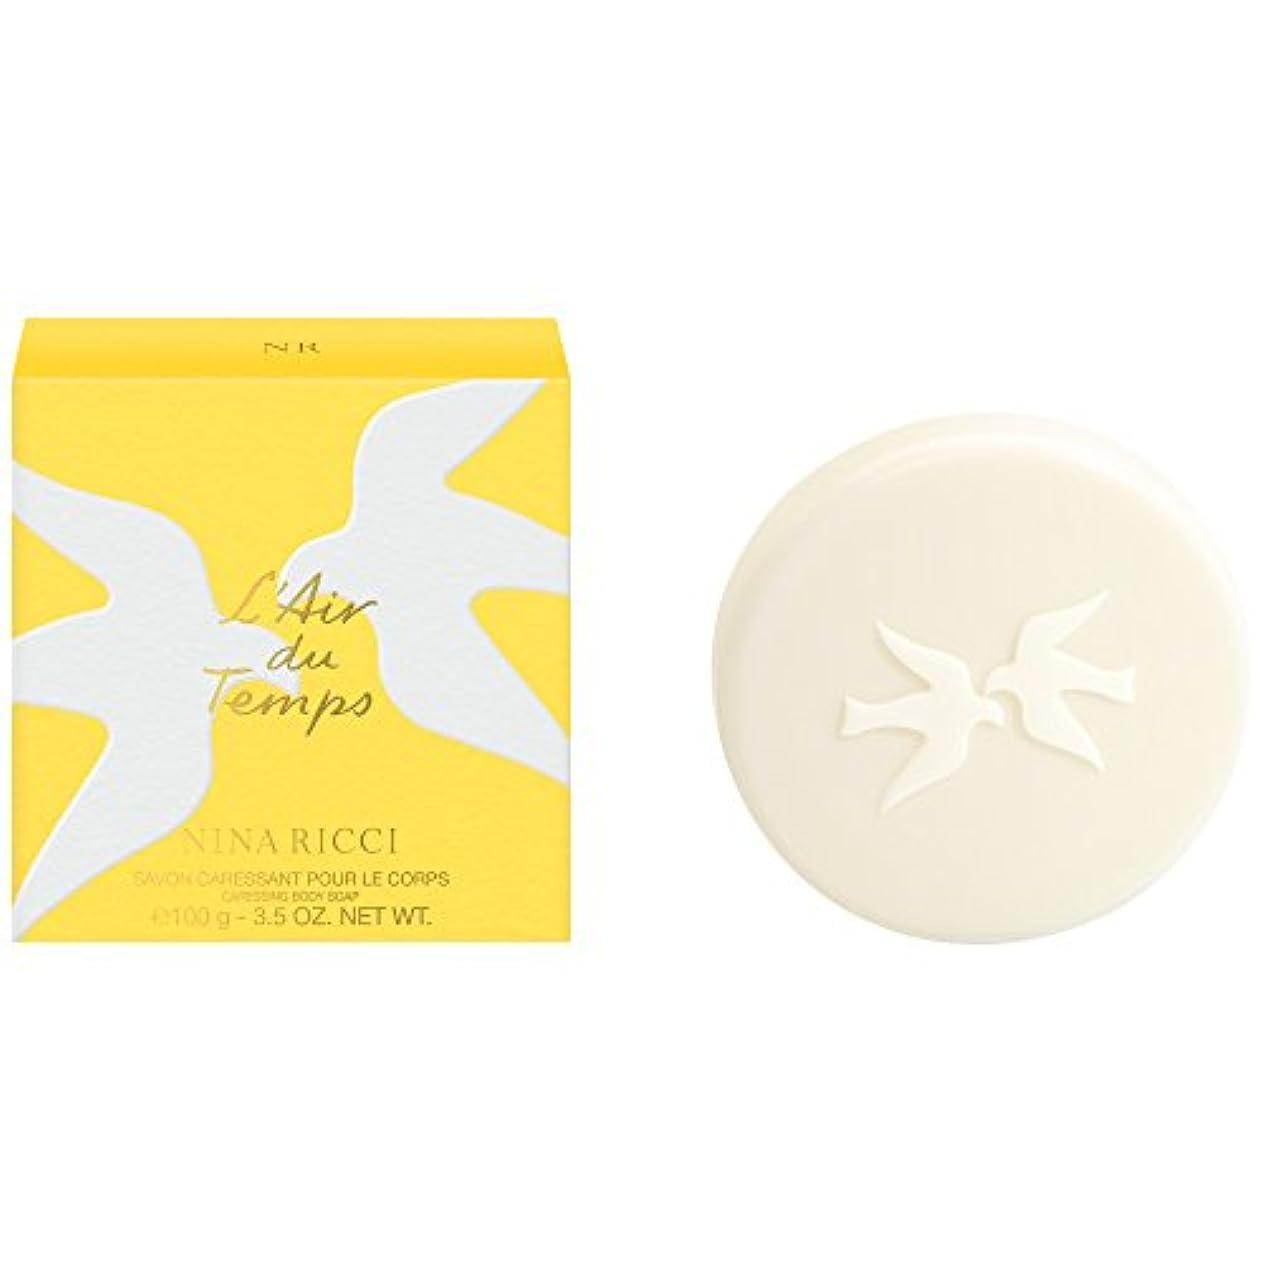 拡散する田舎看板ニナリッチL'空気デュは石鹸の100グラムをタン (Nina Ricci) (x6) - Nina Ricci L'Air du Temps Soap 100g (Pack of 6) [並行輸入品]